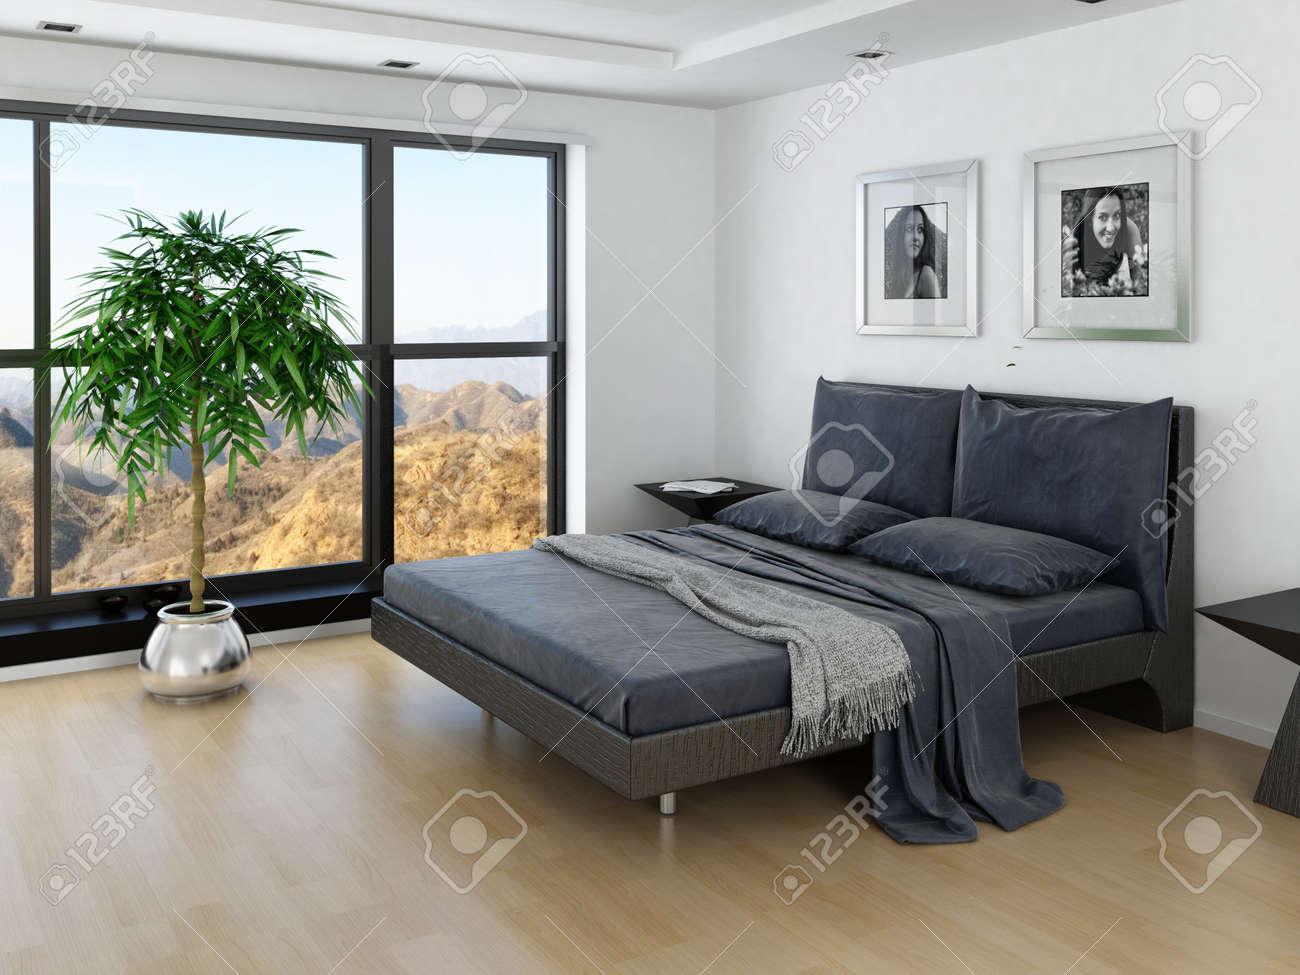 Moderne Schlafzimmer Interieur Mit Grau-Bett Und Große Fenster ...